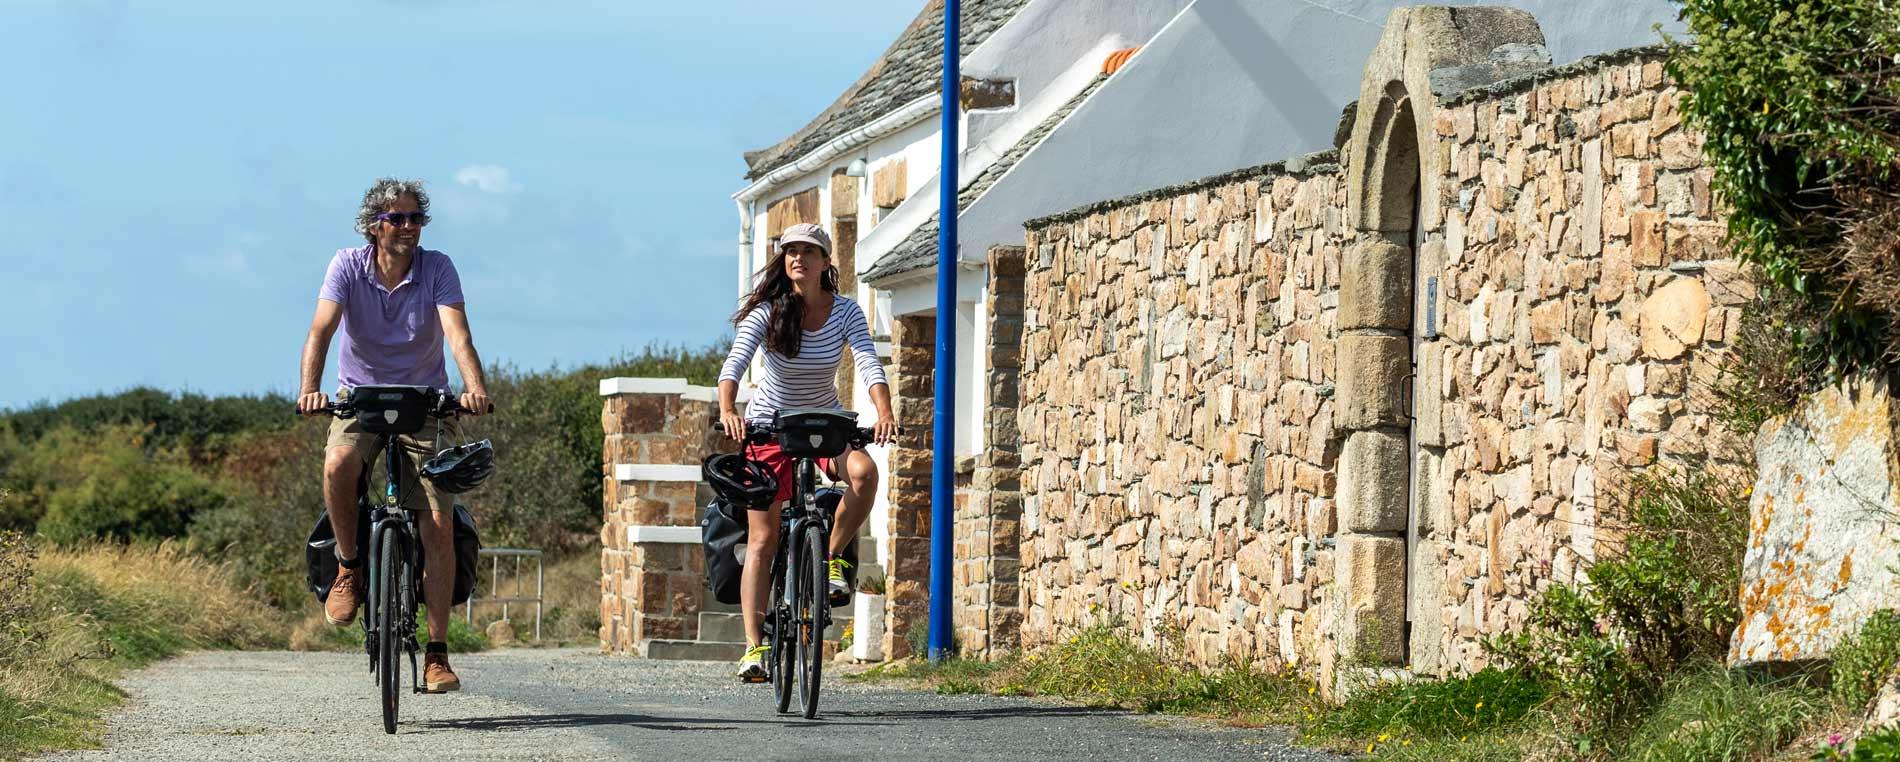 De Morlaix à Carhaix à bicyclette